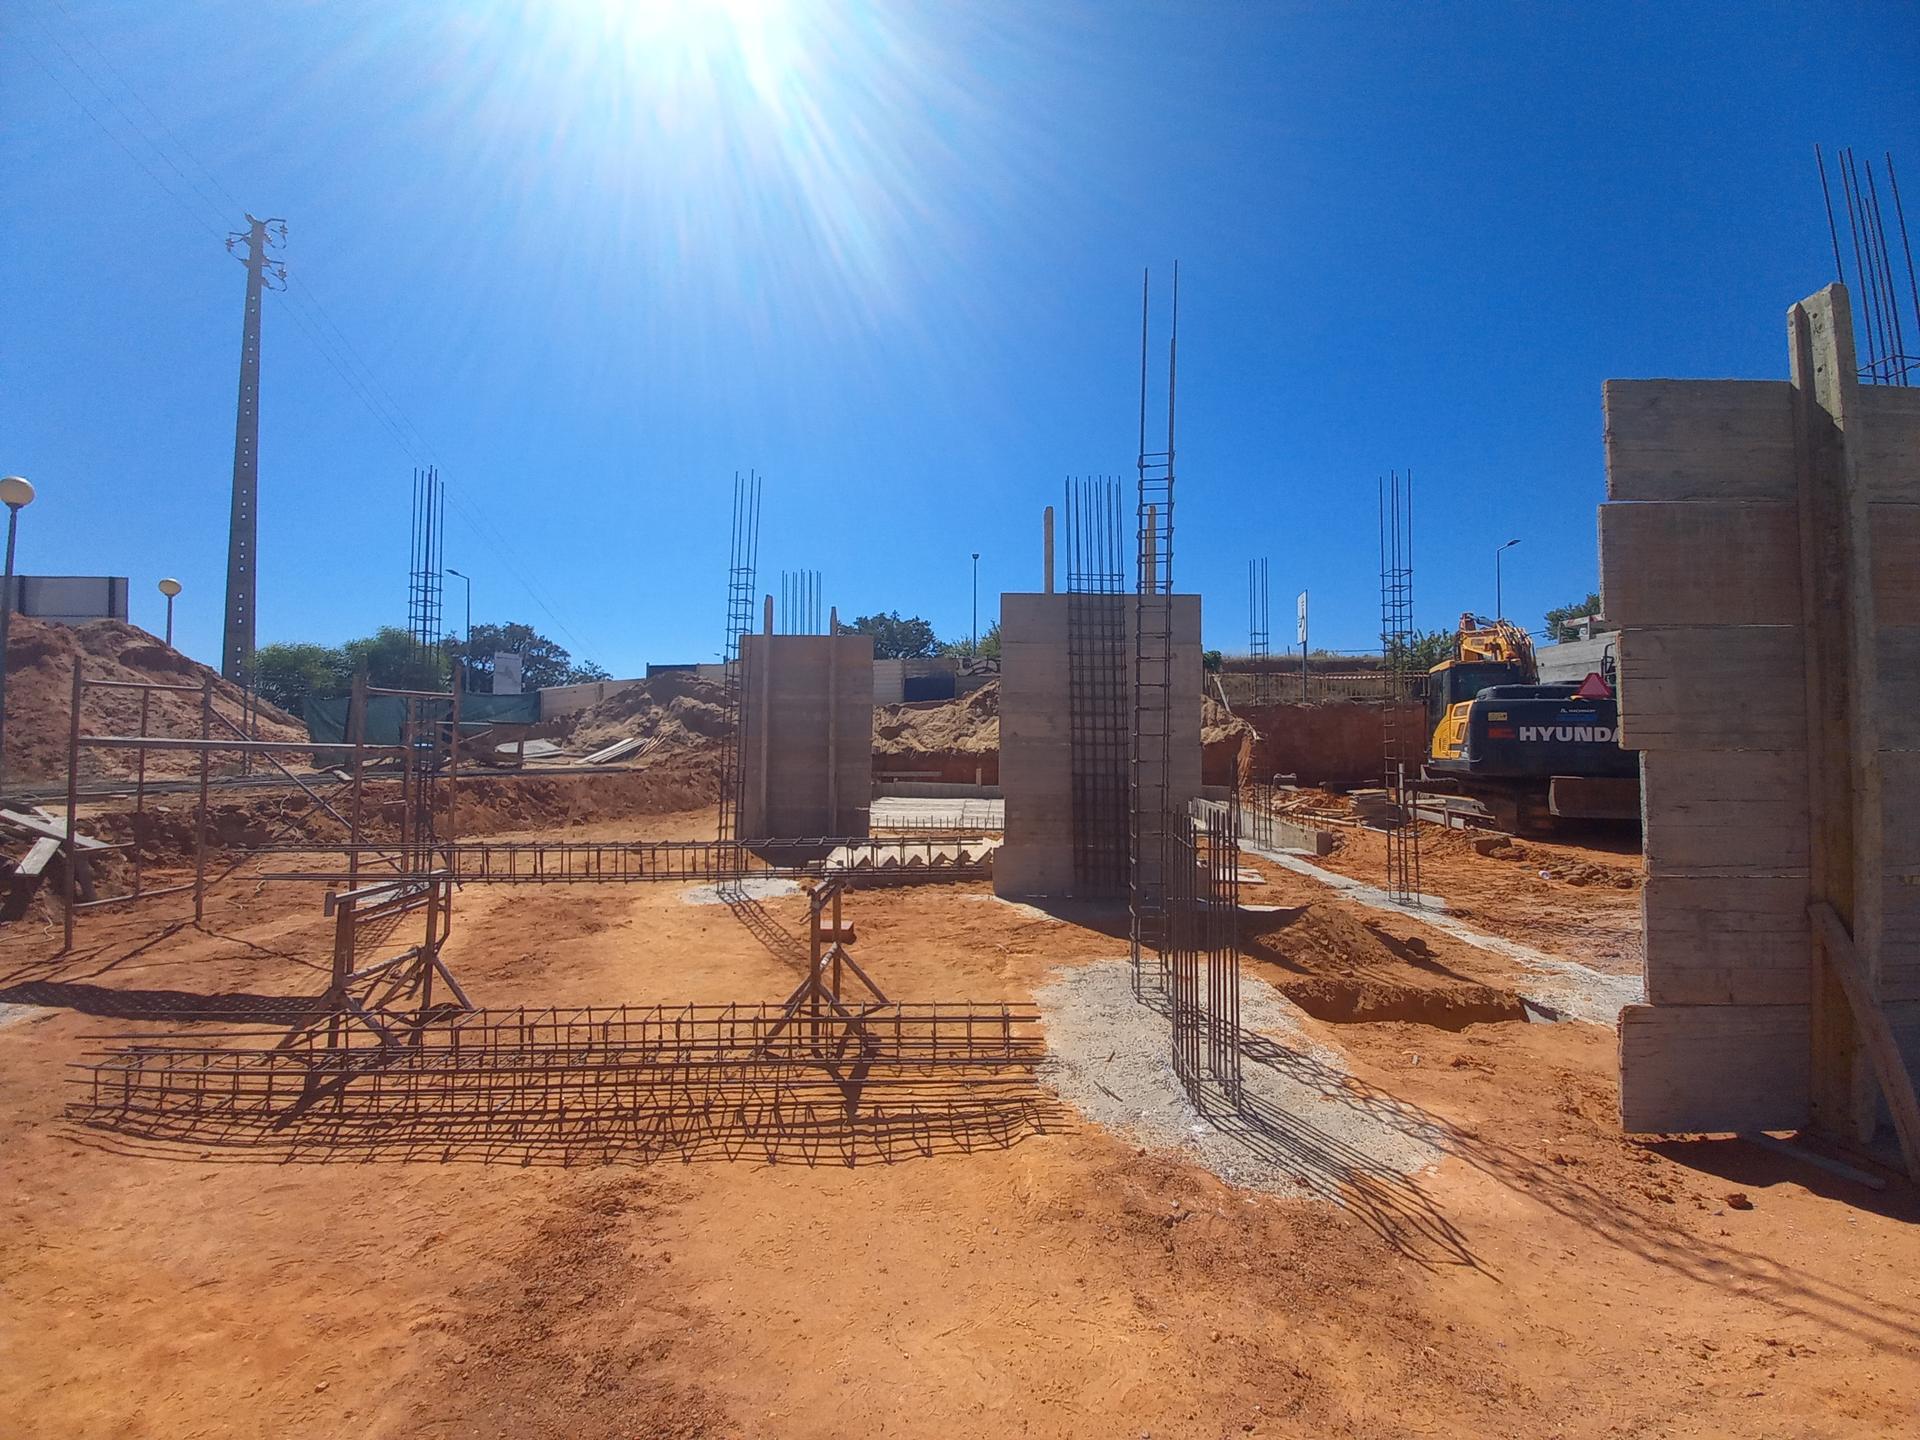 Náš portugalský domov ❤️🏡 - 30. Jún 2021